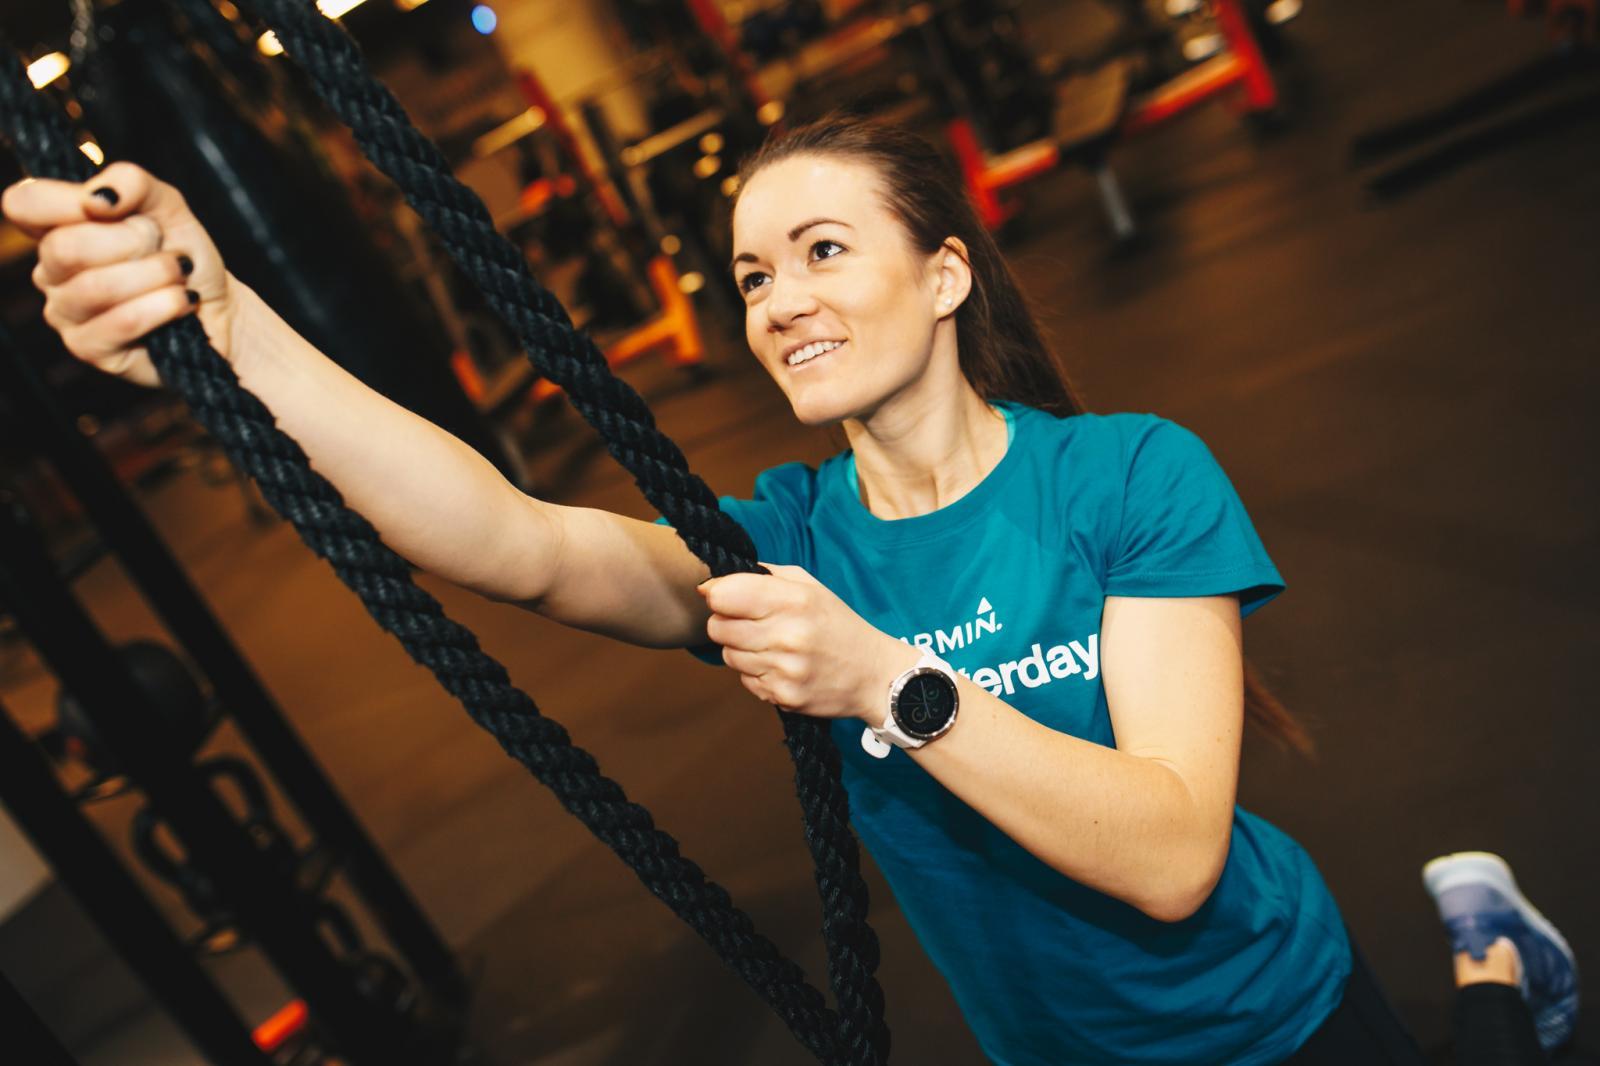 Osim mjerenja pulsa na zapešću, na satu možete pratiti i kondiciju i razinu stresa.